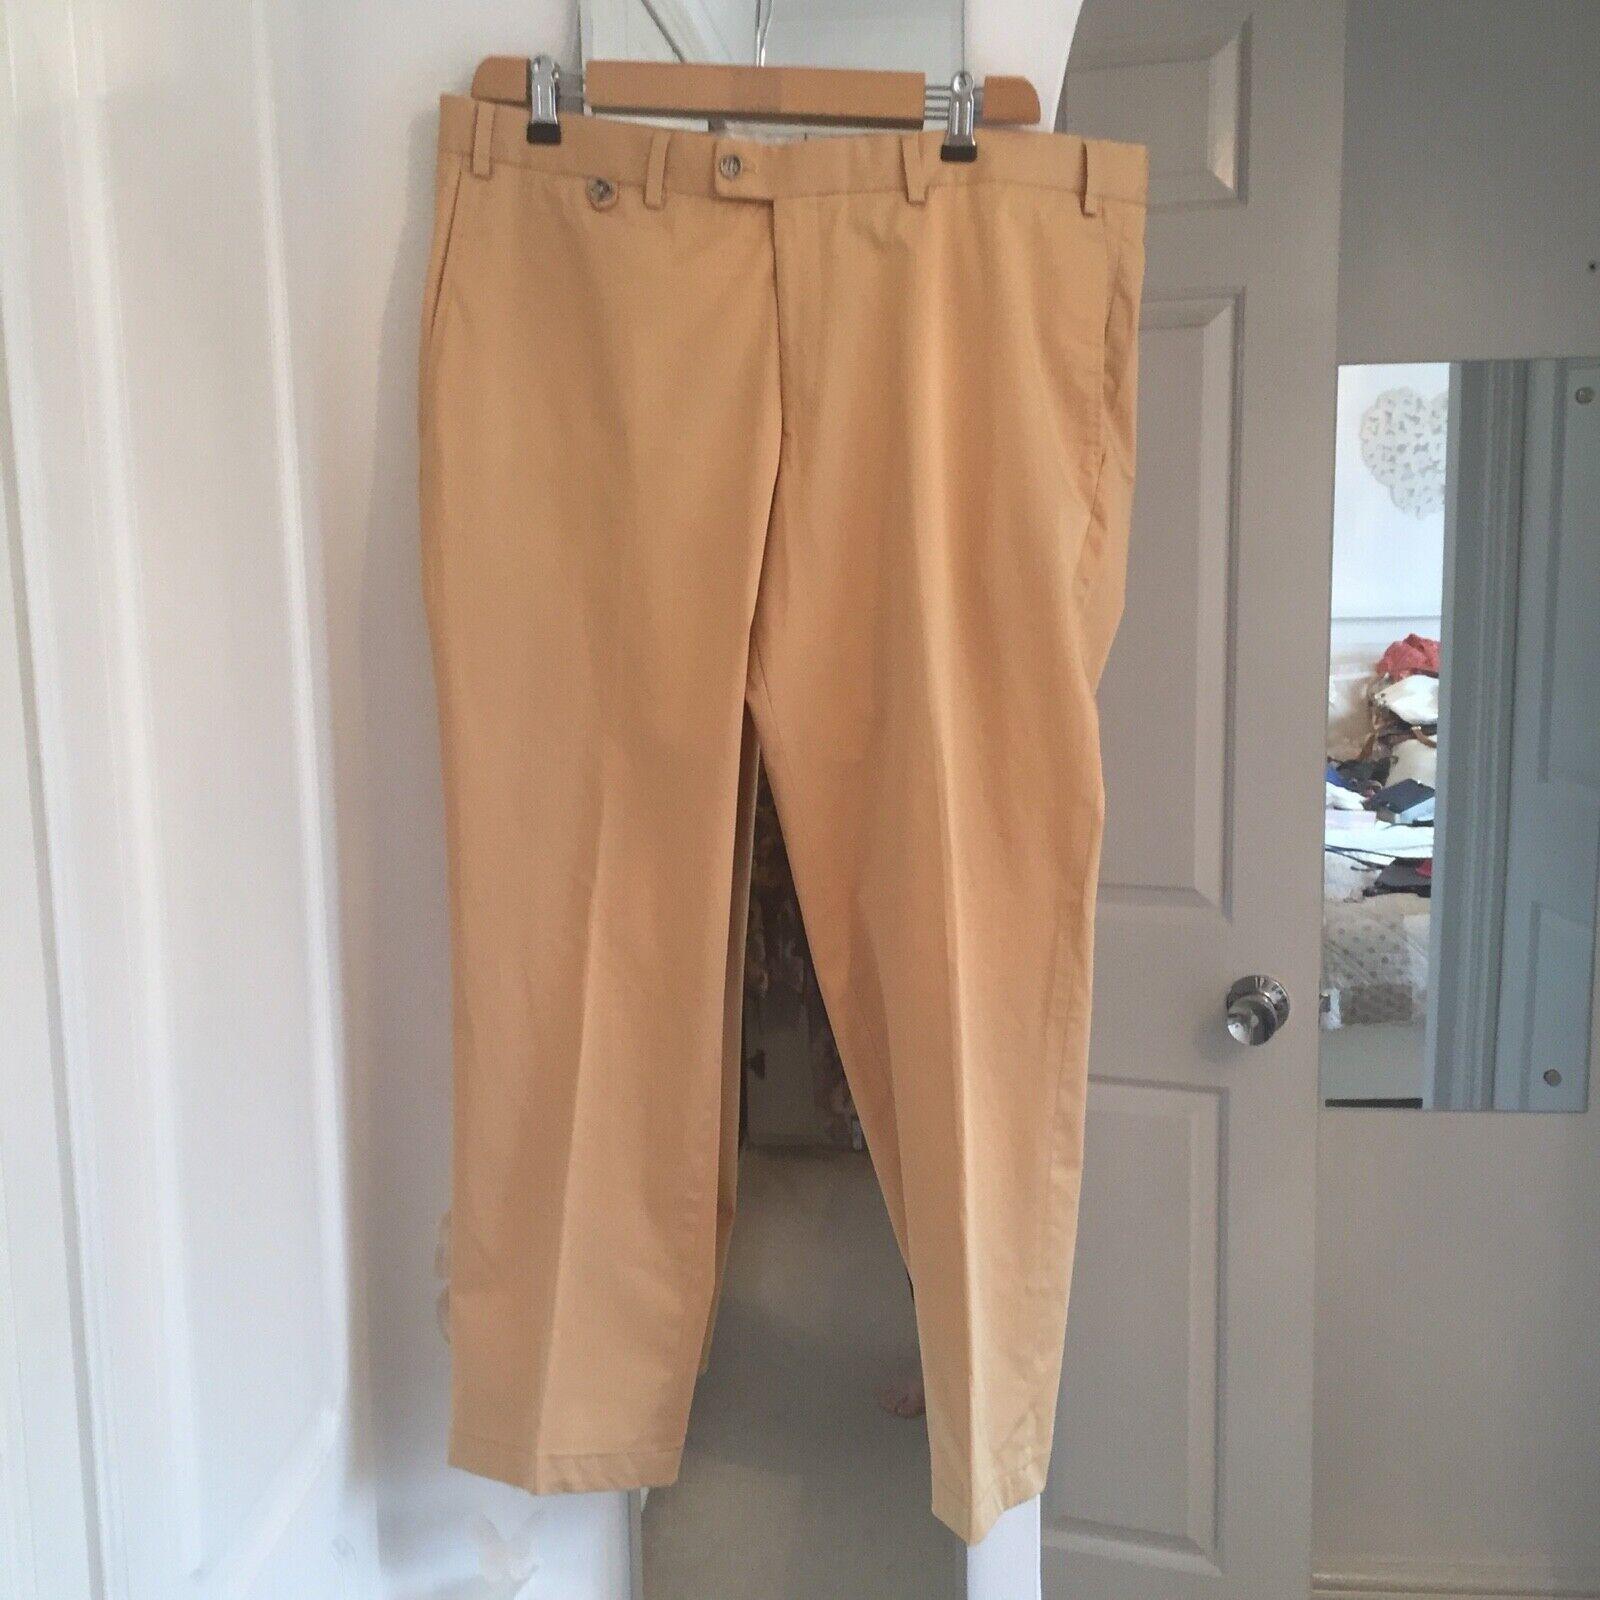 HILTL Mustard yellow trousers size 40W 28L BNWT